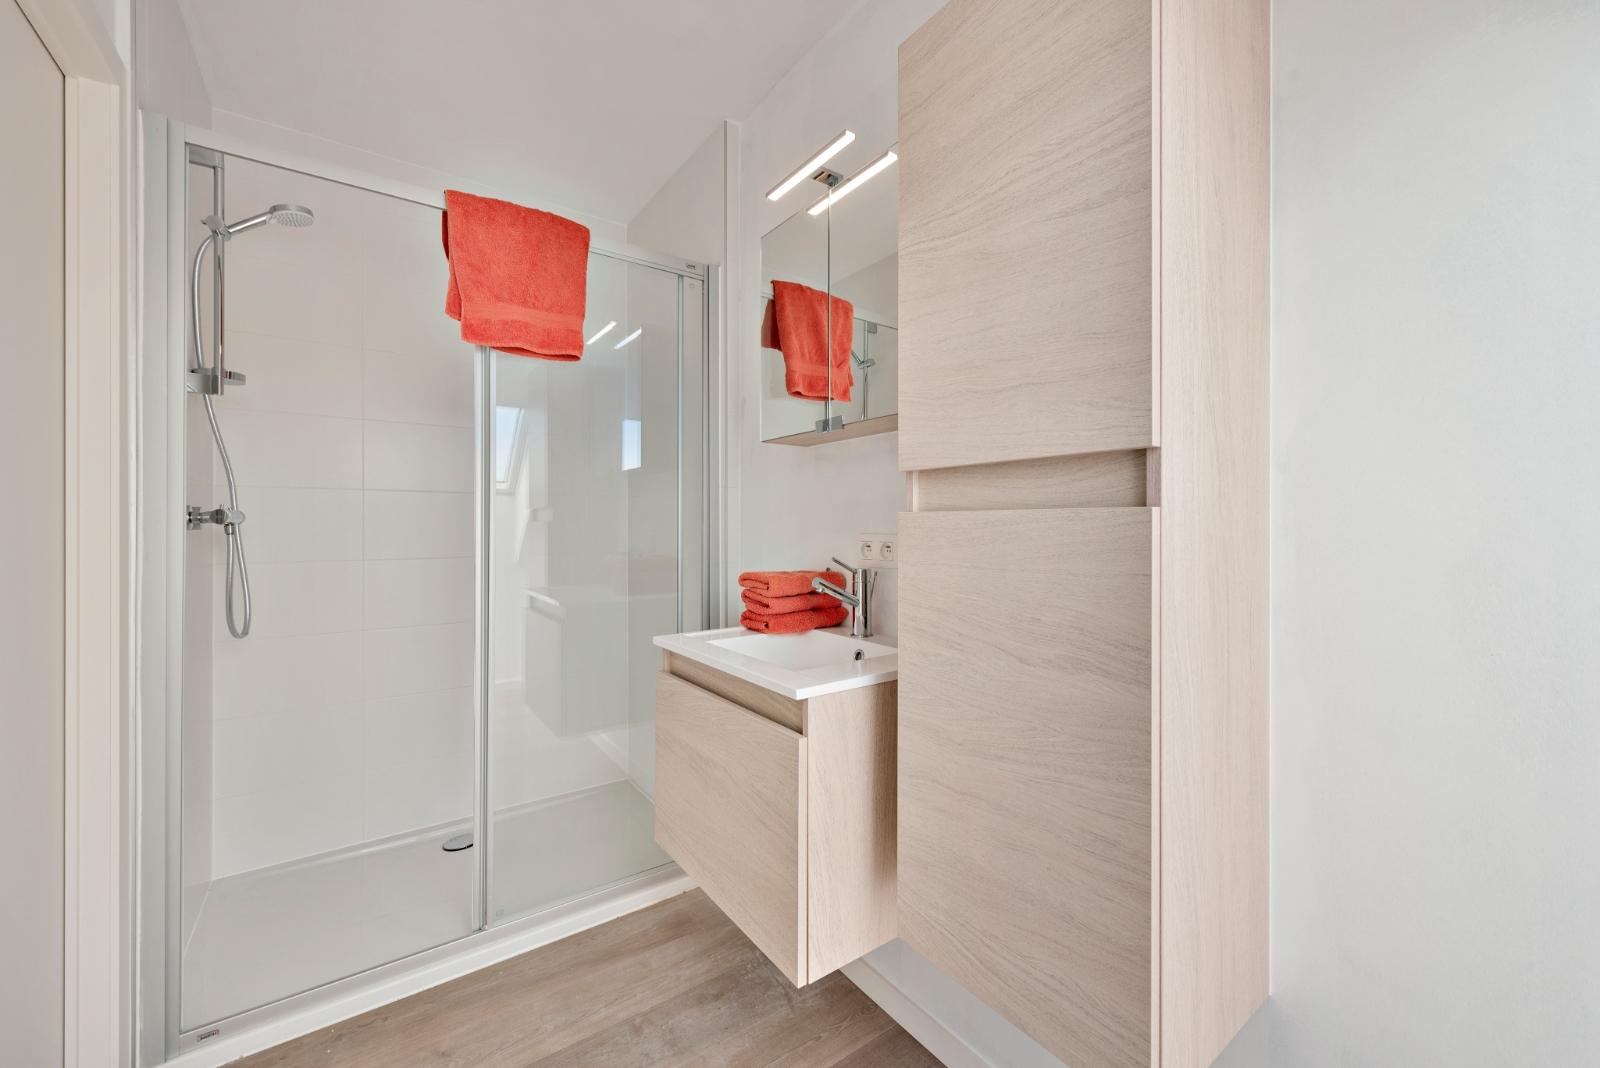 Volledig gerenoveerd appartement op centrale ligging - 5